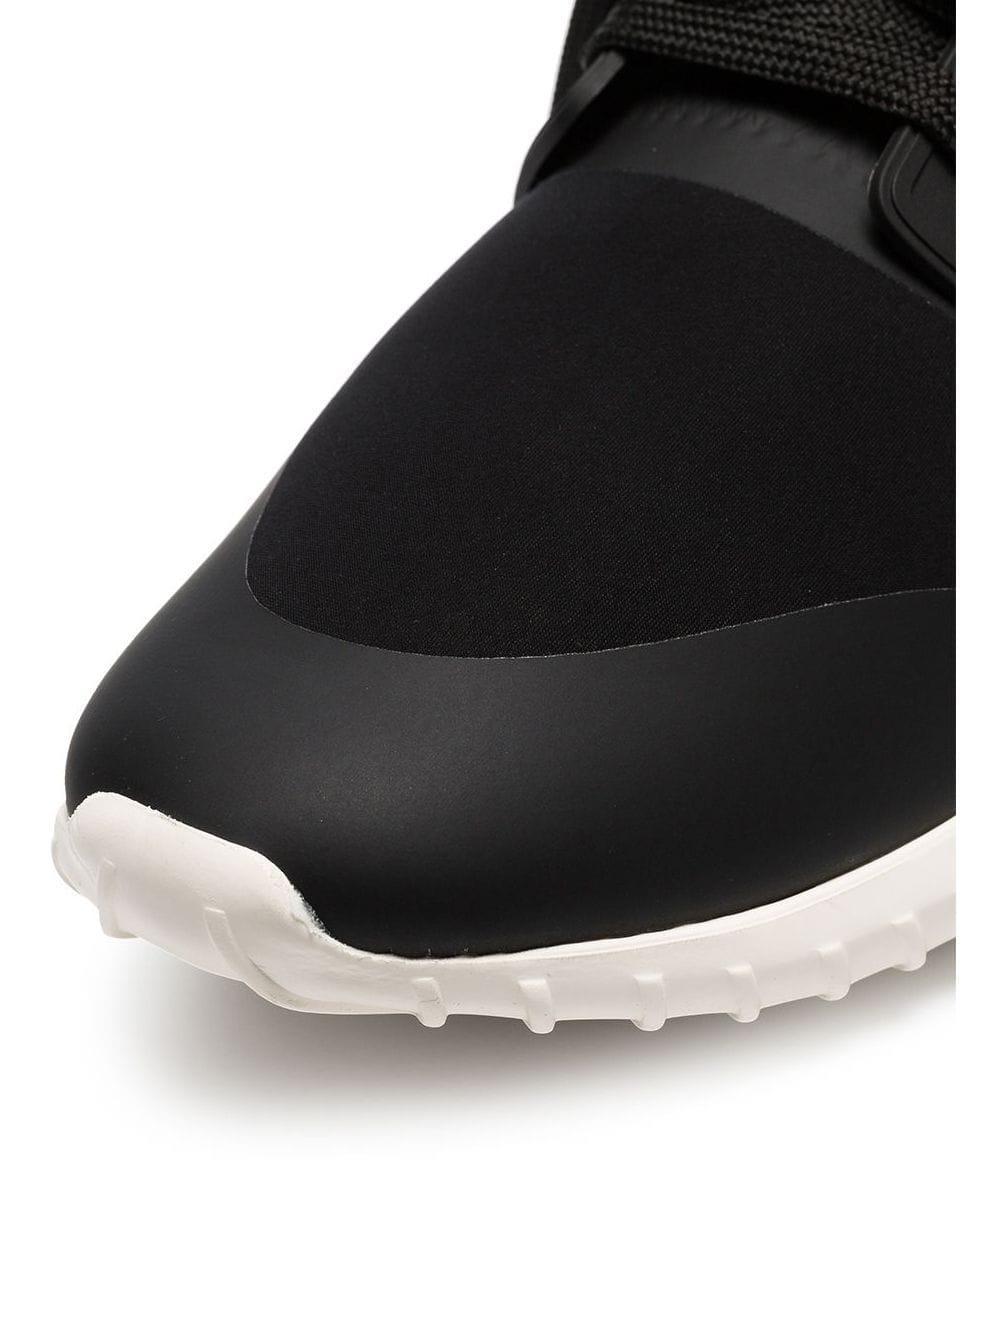 Moncler Cotton Black Scuba Low Top Sneakers